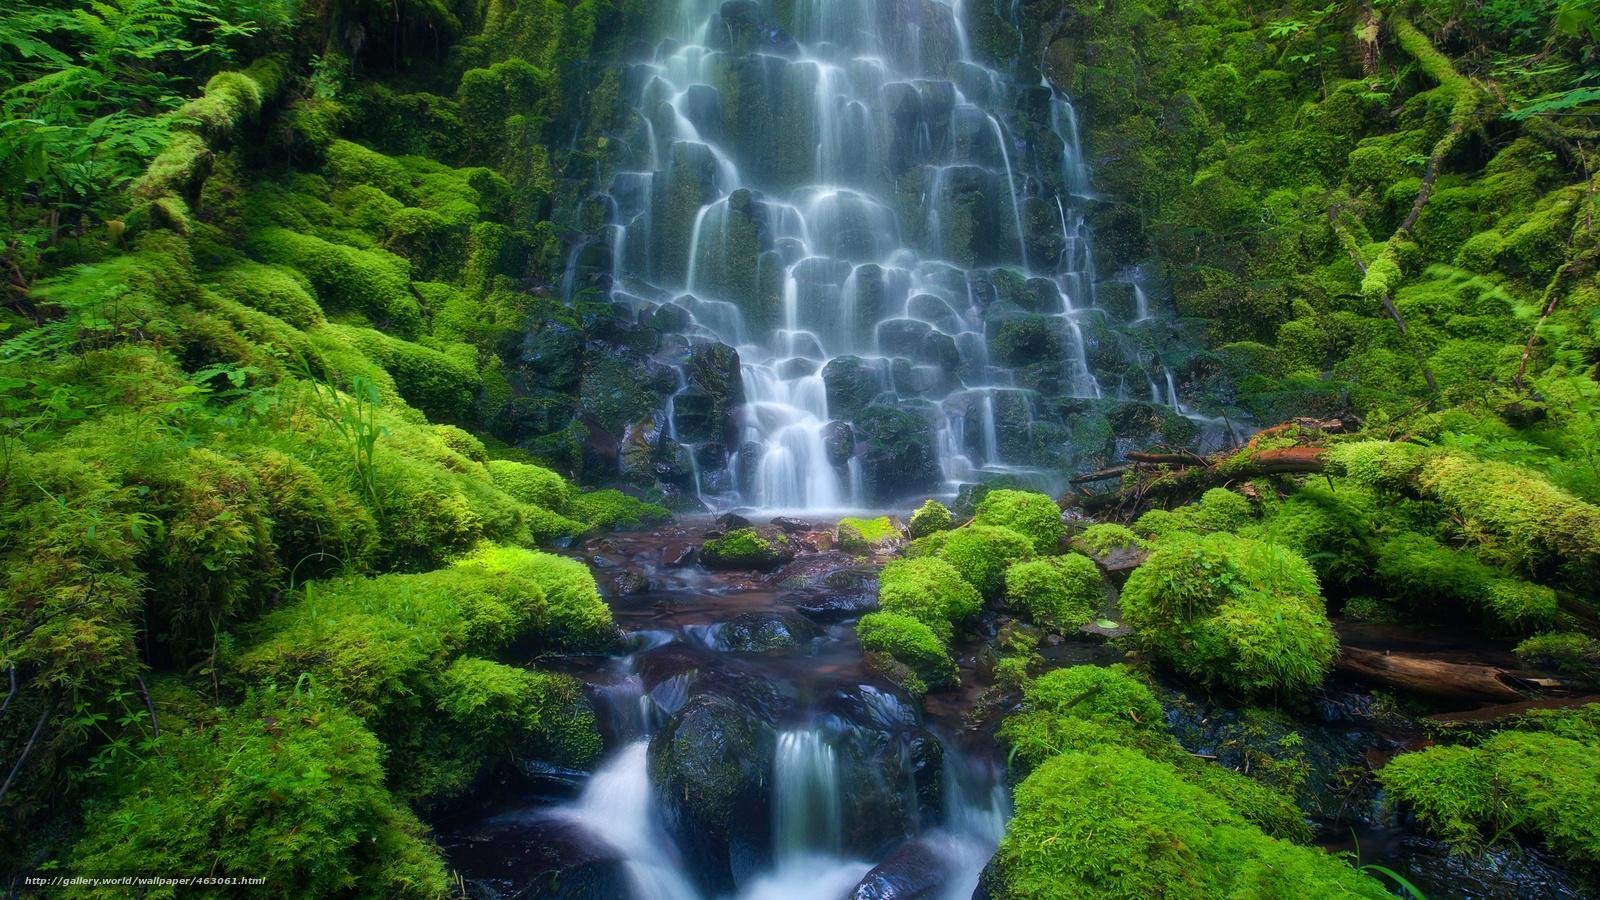 壁纸 风景 旅游 瀑布 山水 桌面 1600_900